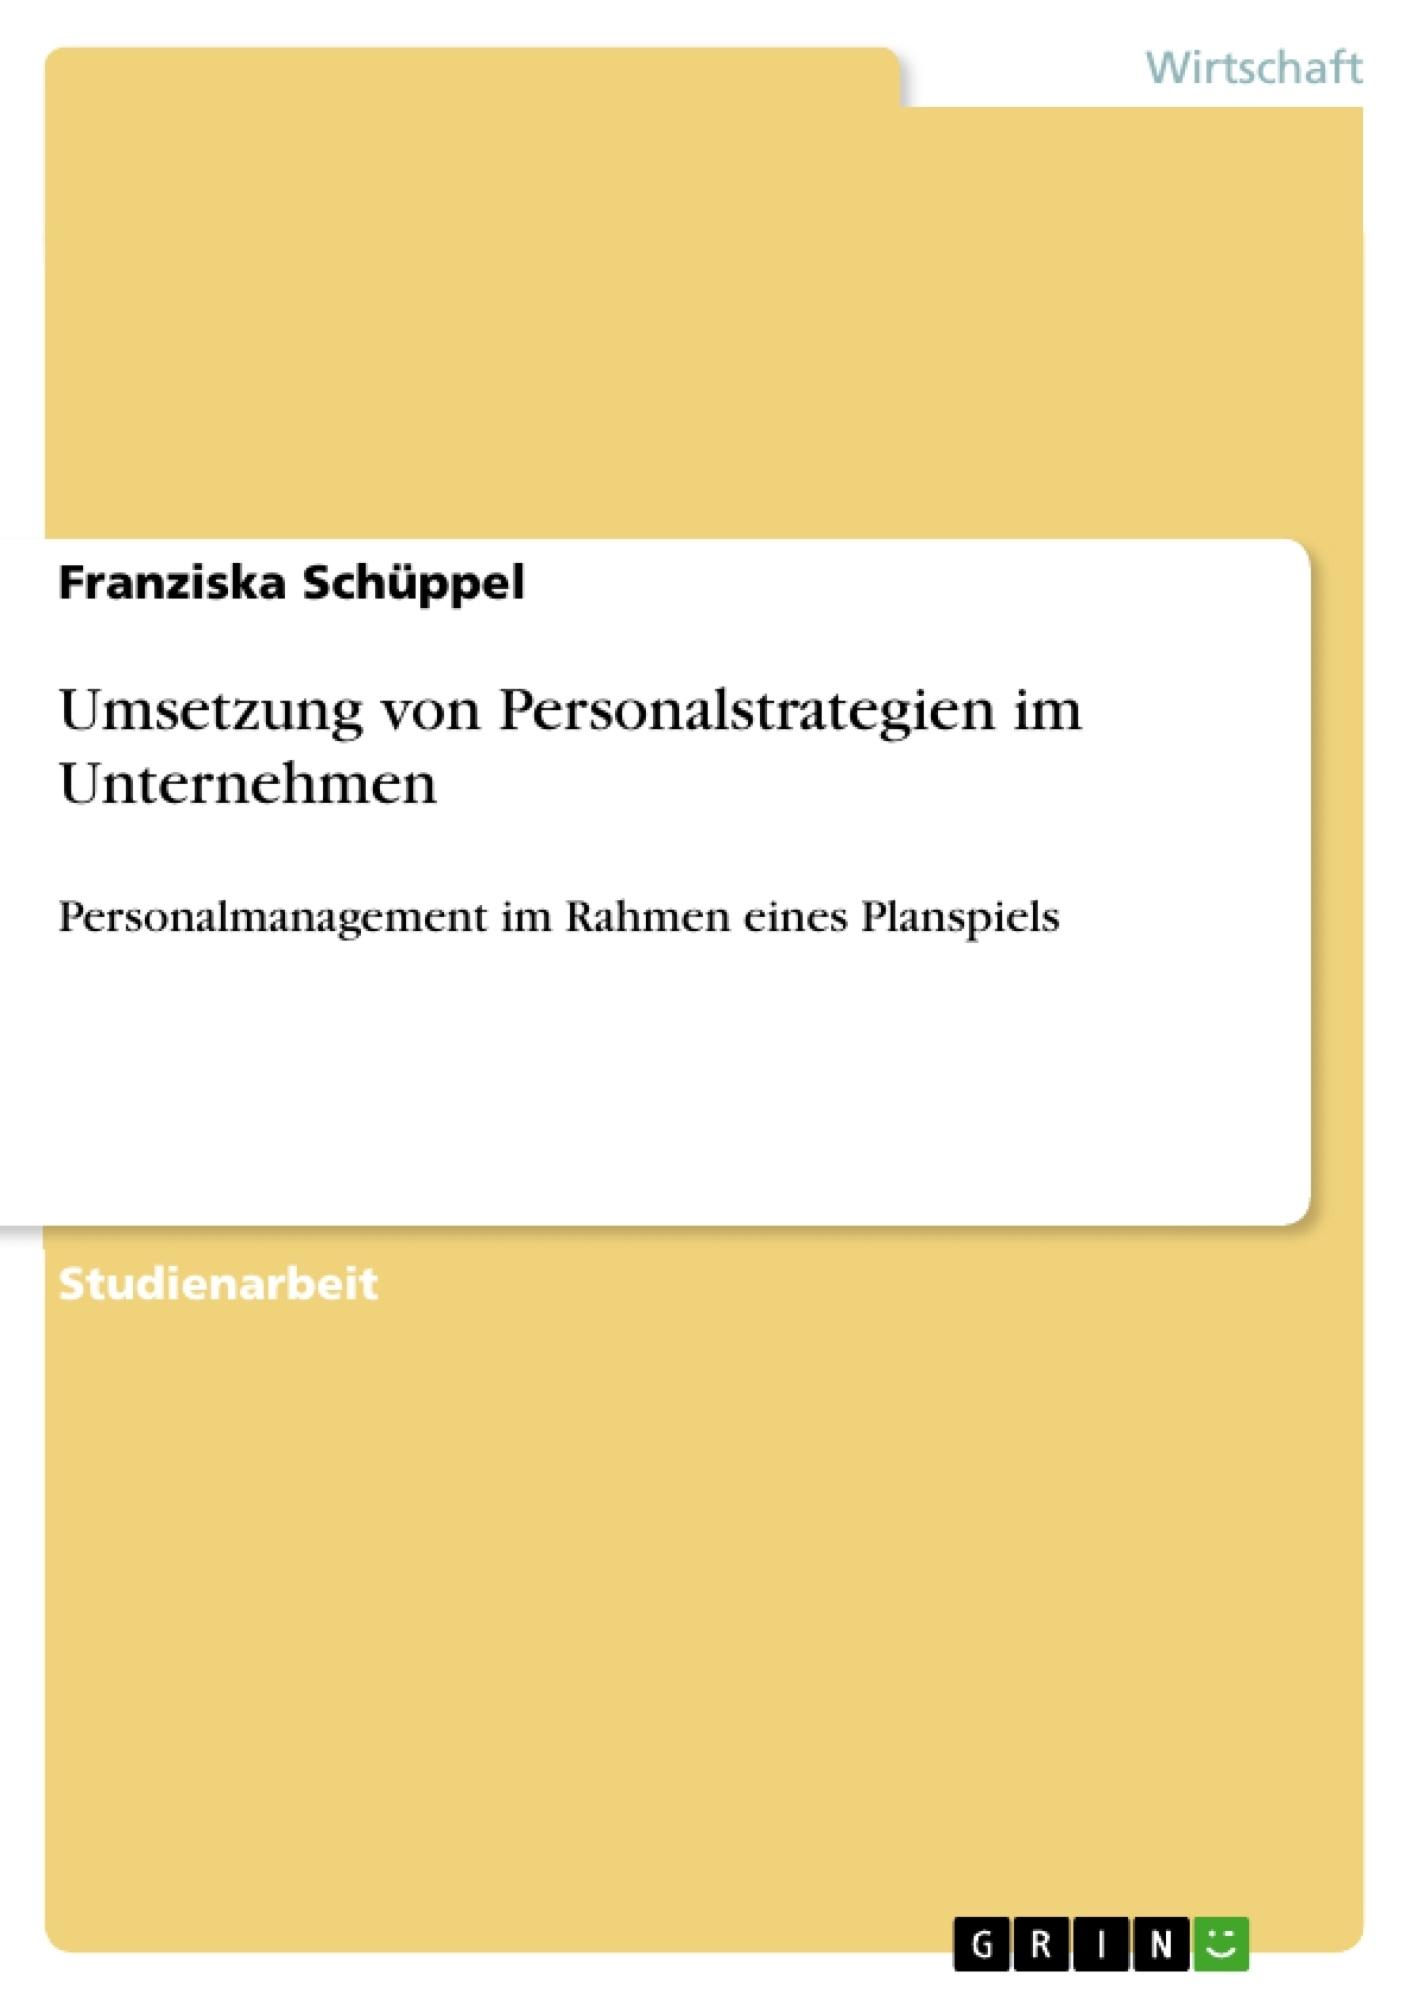 Titel: Umsetzung von Personalstrategien im Unternehmen